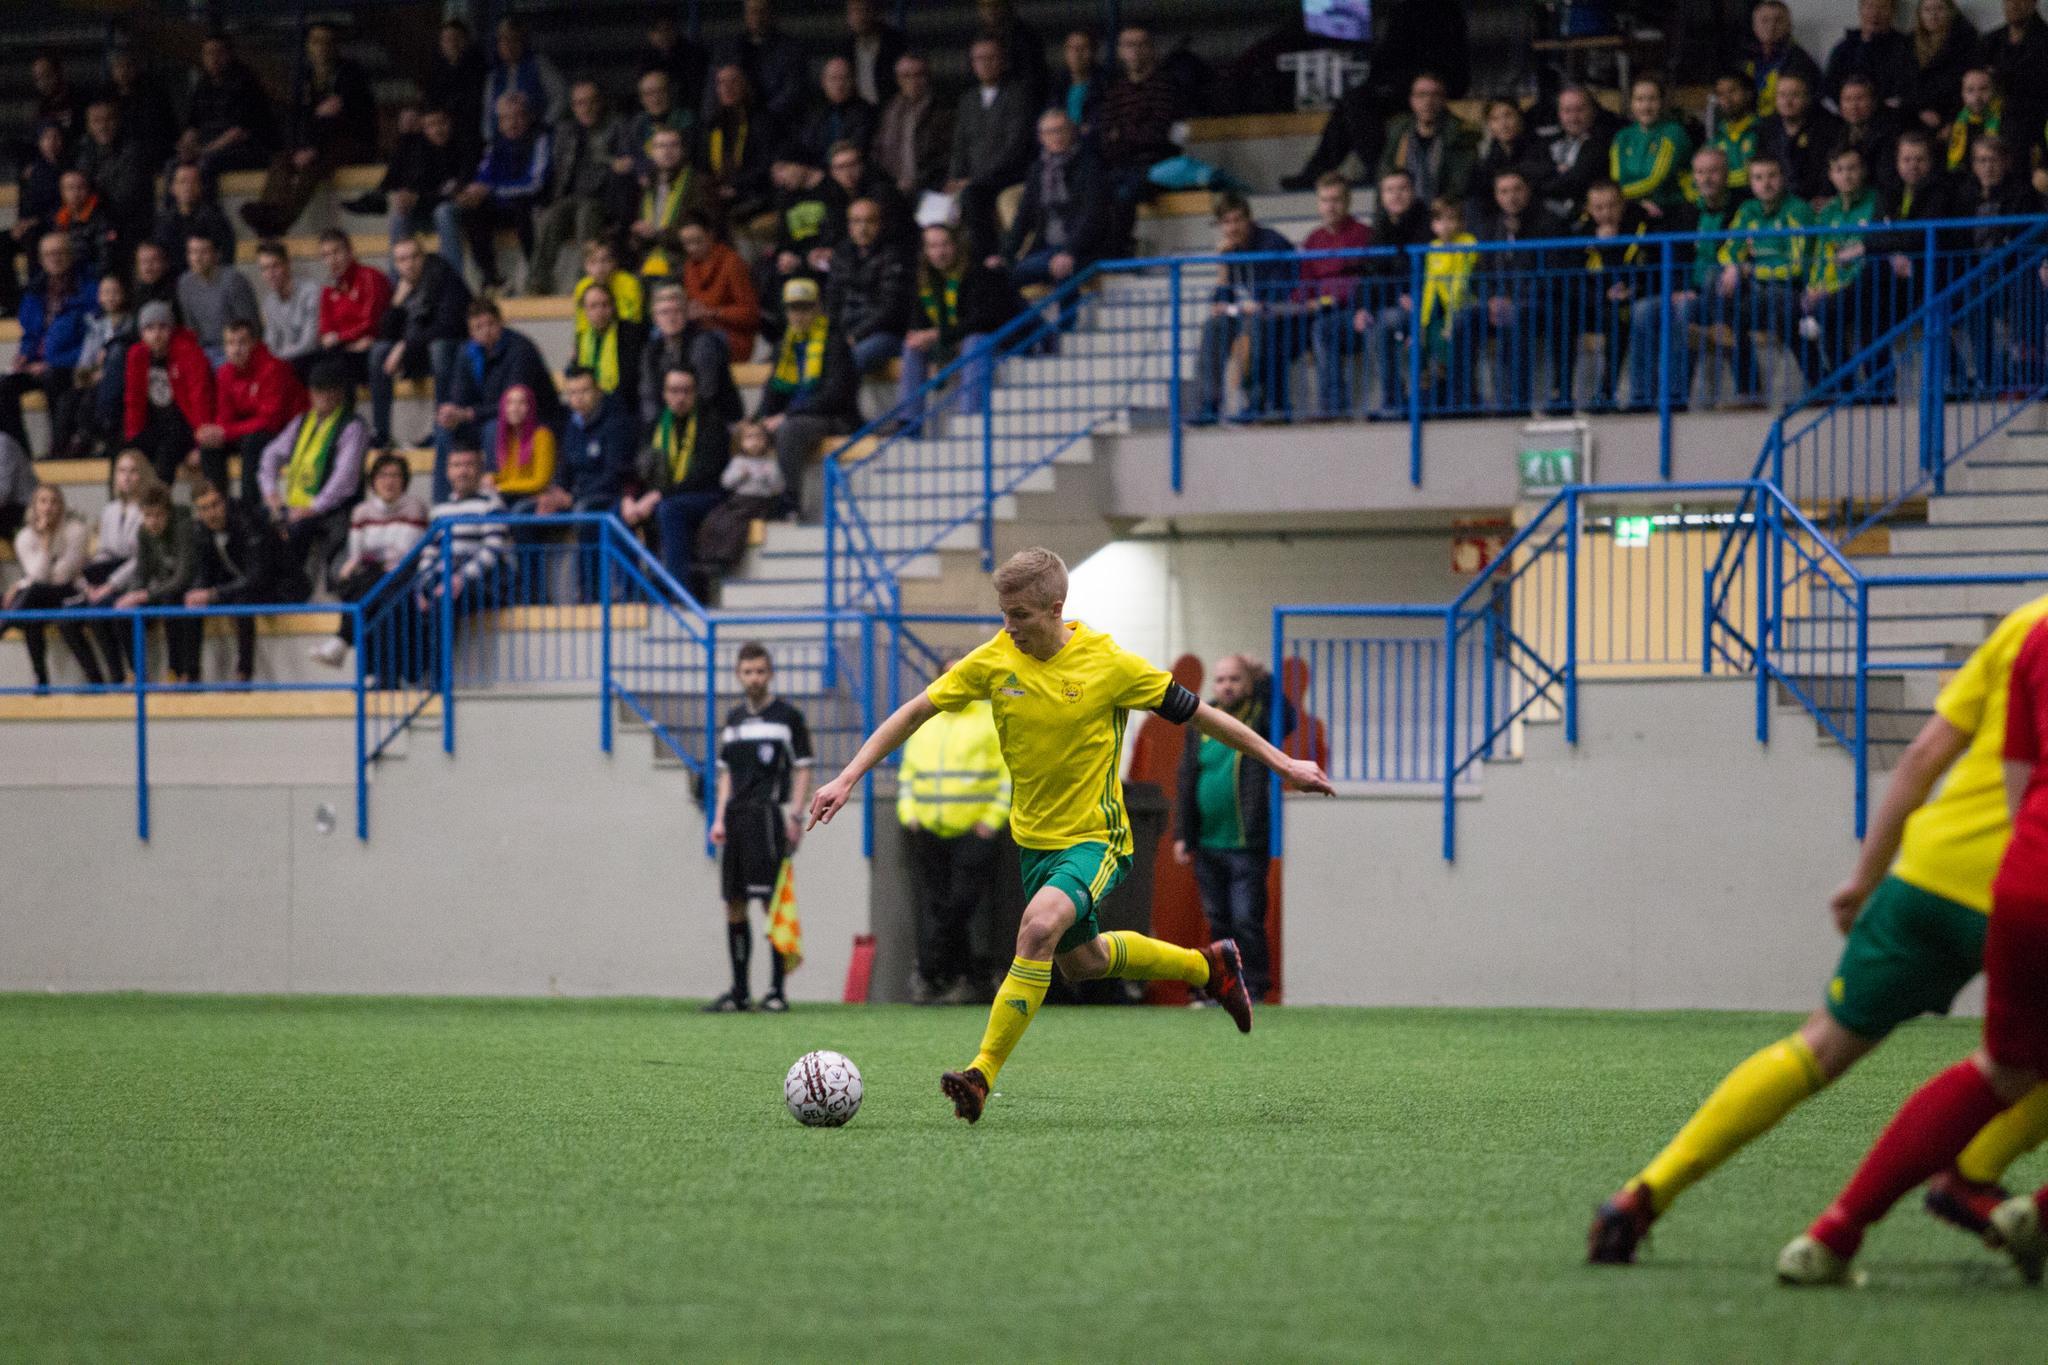 Resultado de imagen de suomen cup 2018